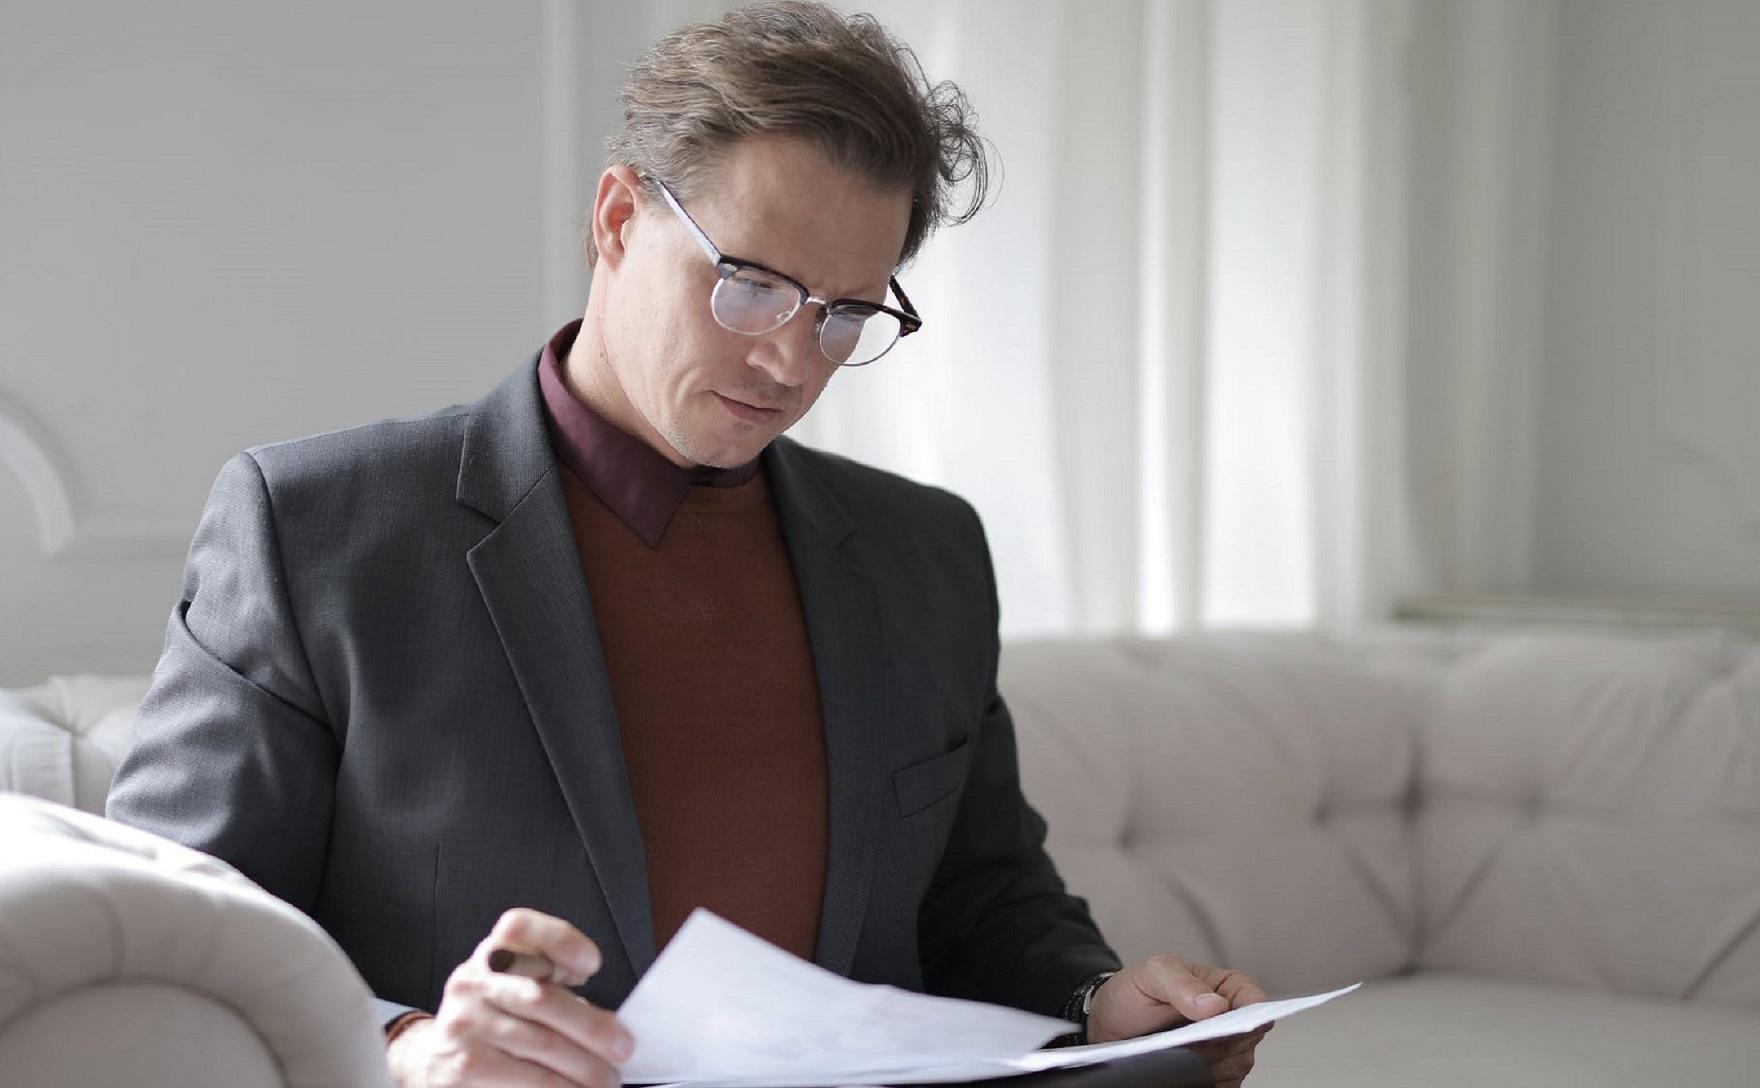 Anwaltliche Tipps und Tricks für Forderungsschreiben und Betreibungen